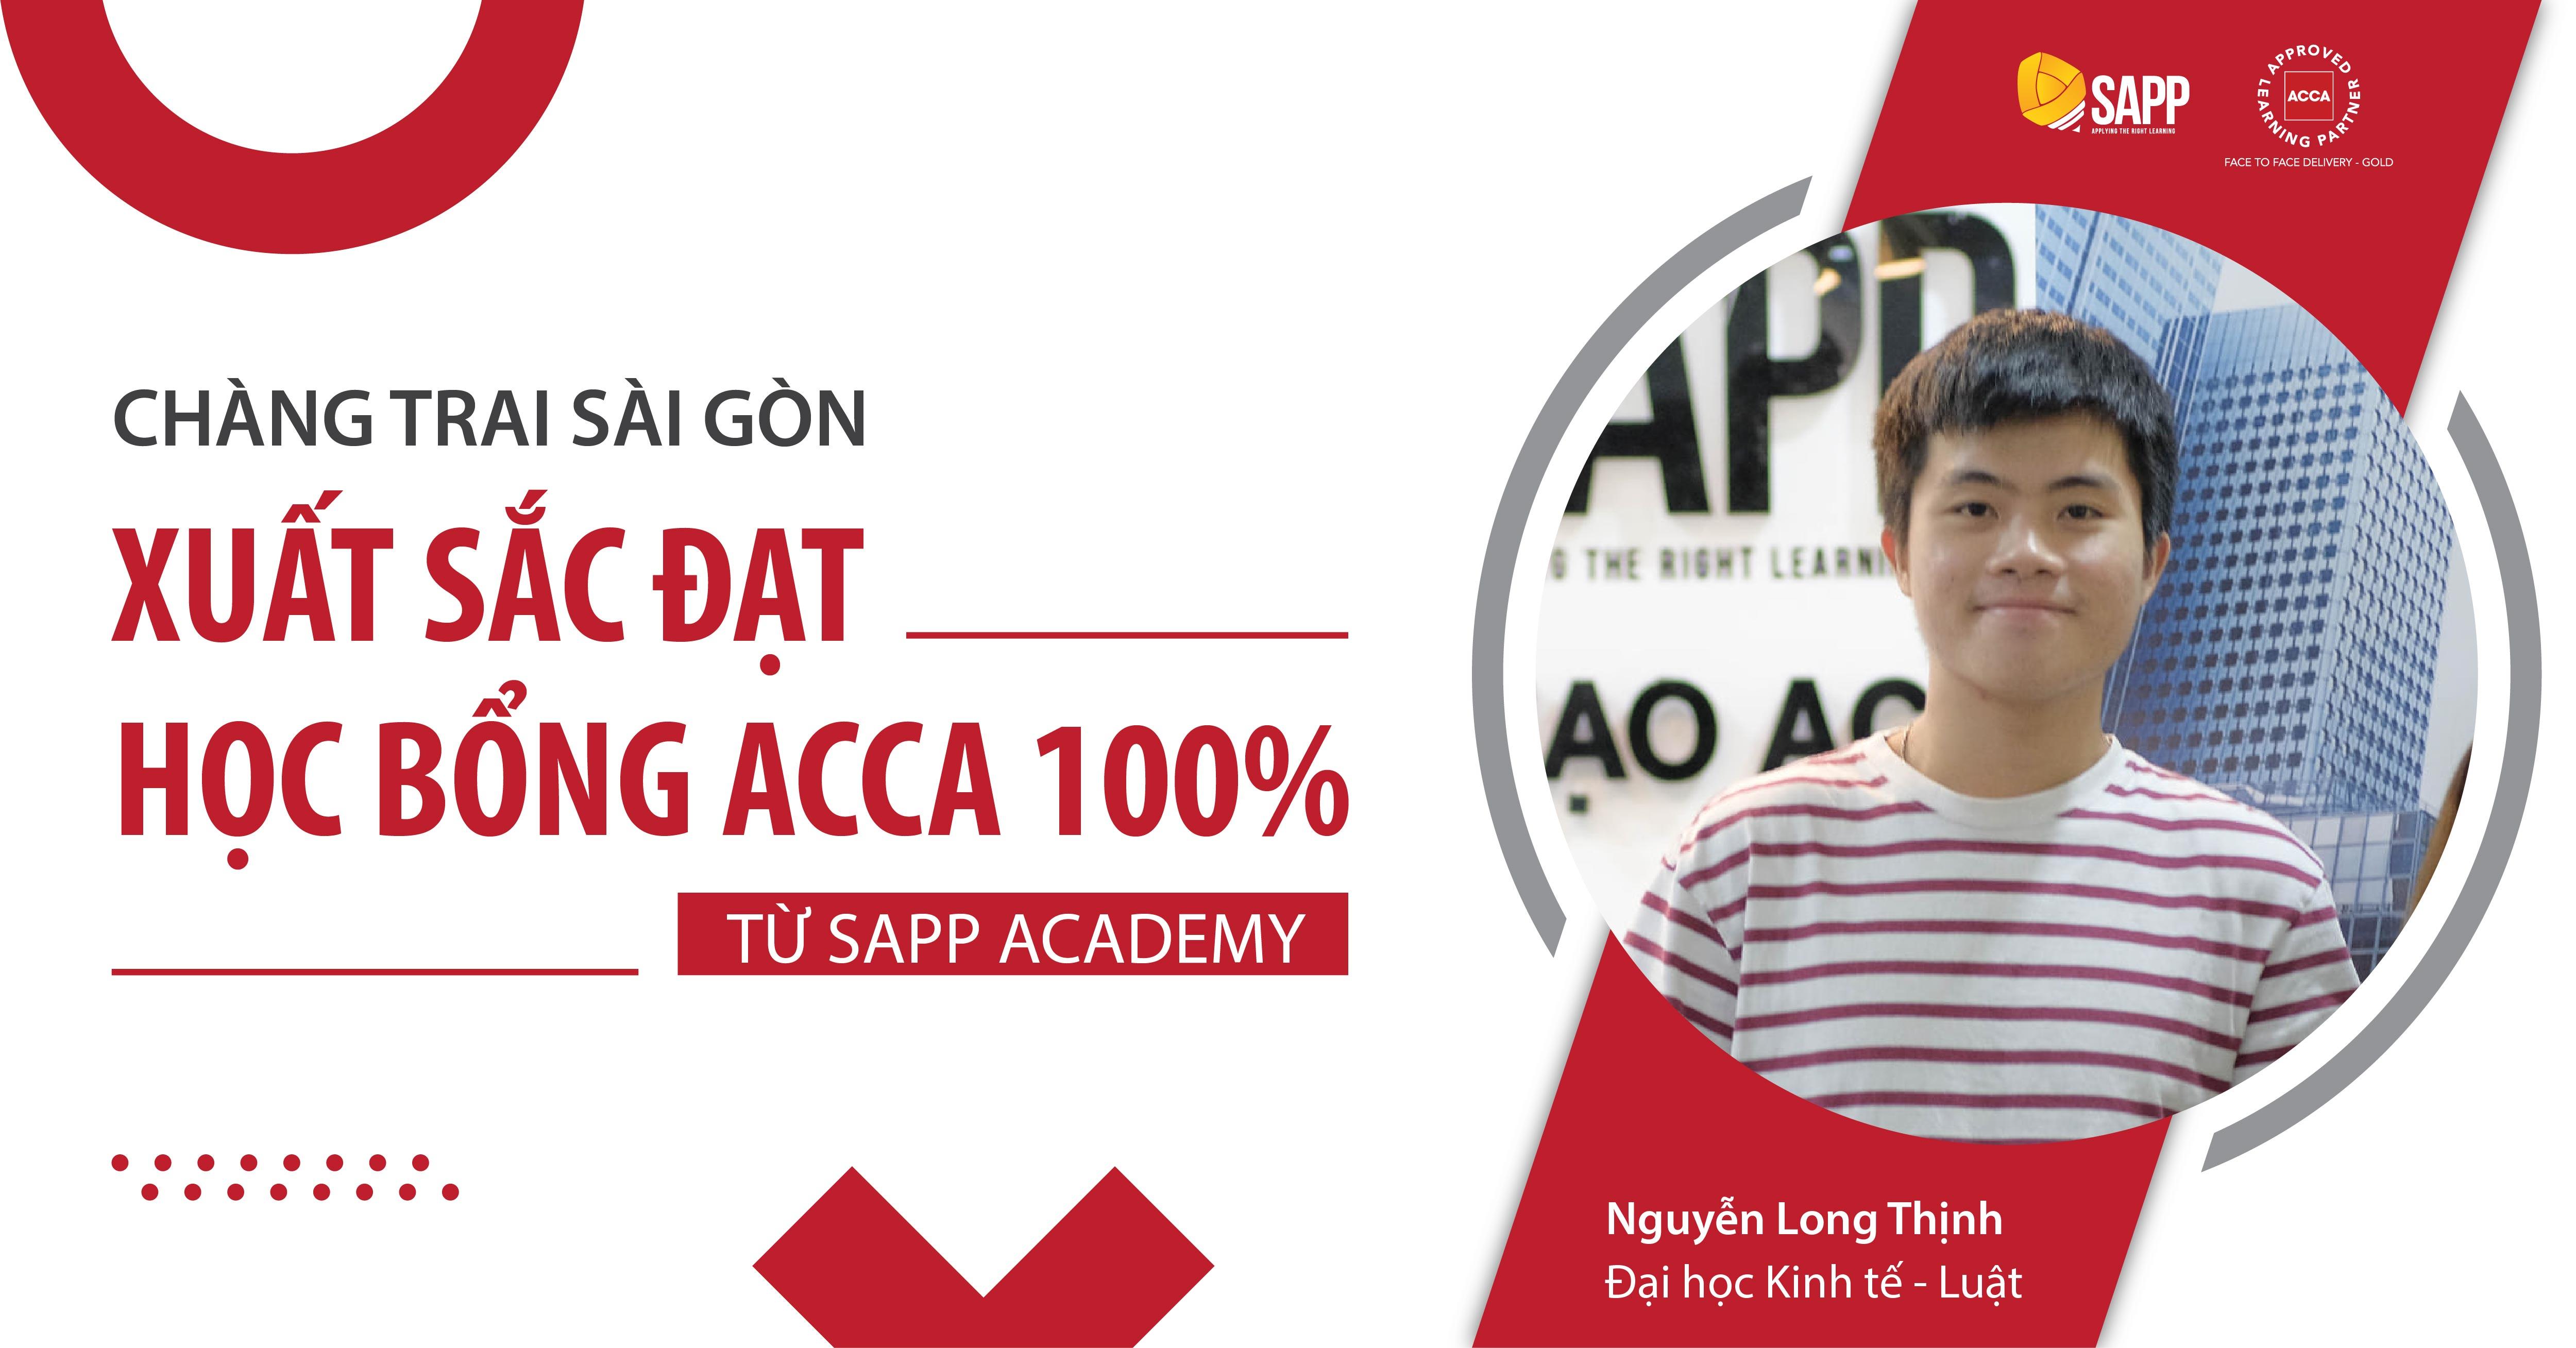 Long Thịnh - Chàng trai Sài Gòn xuất sắc đạt học bổng ACCA 100% từ SAPP Academy